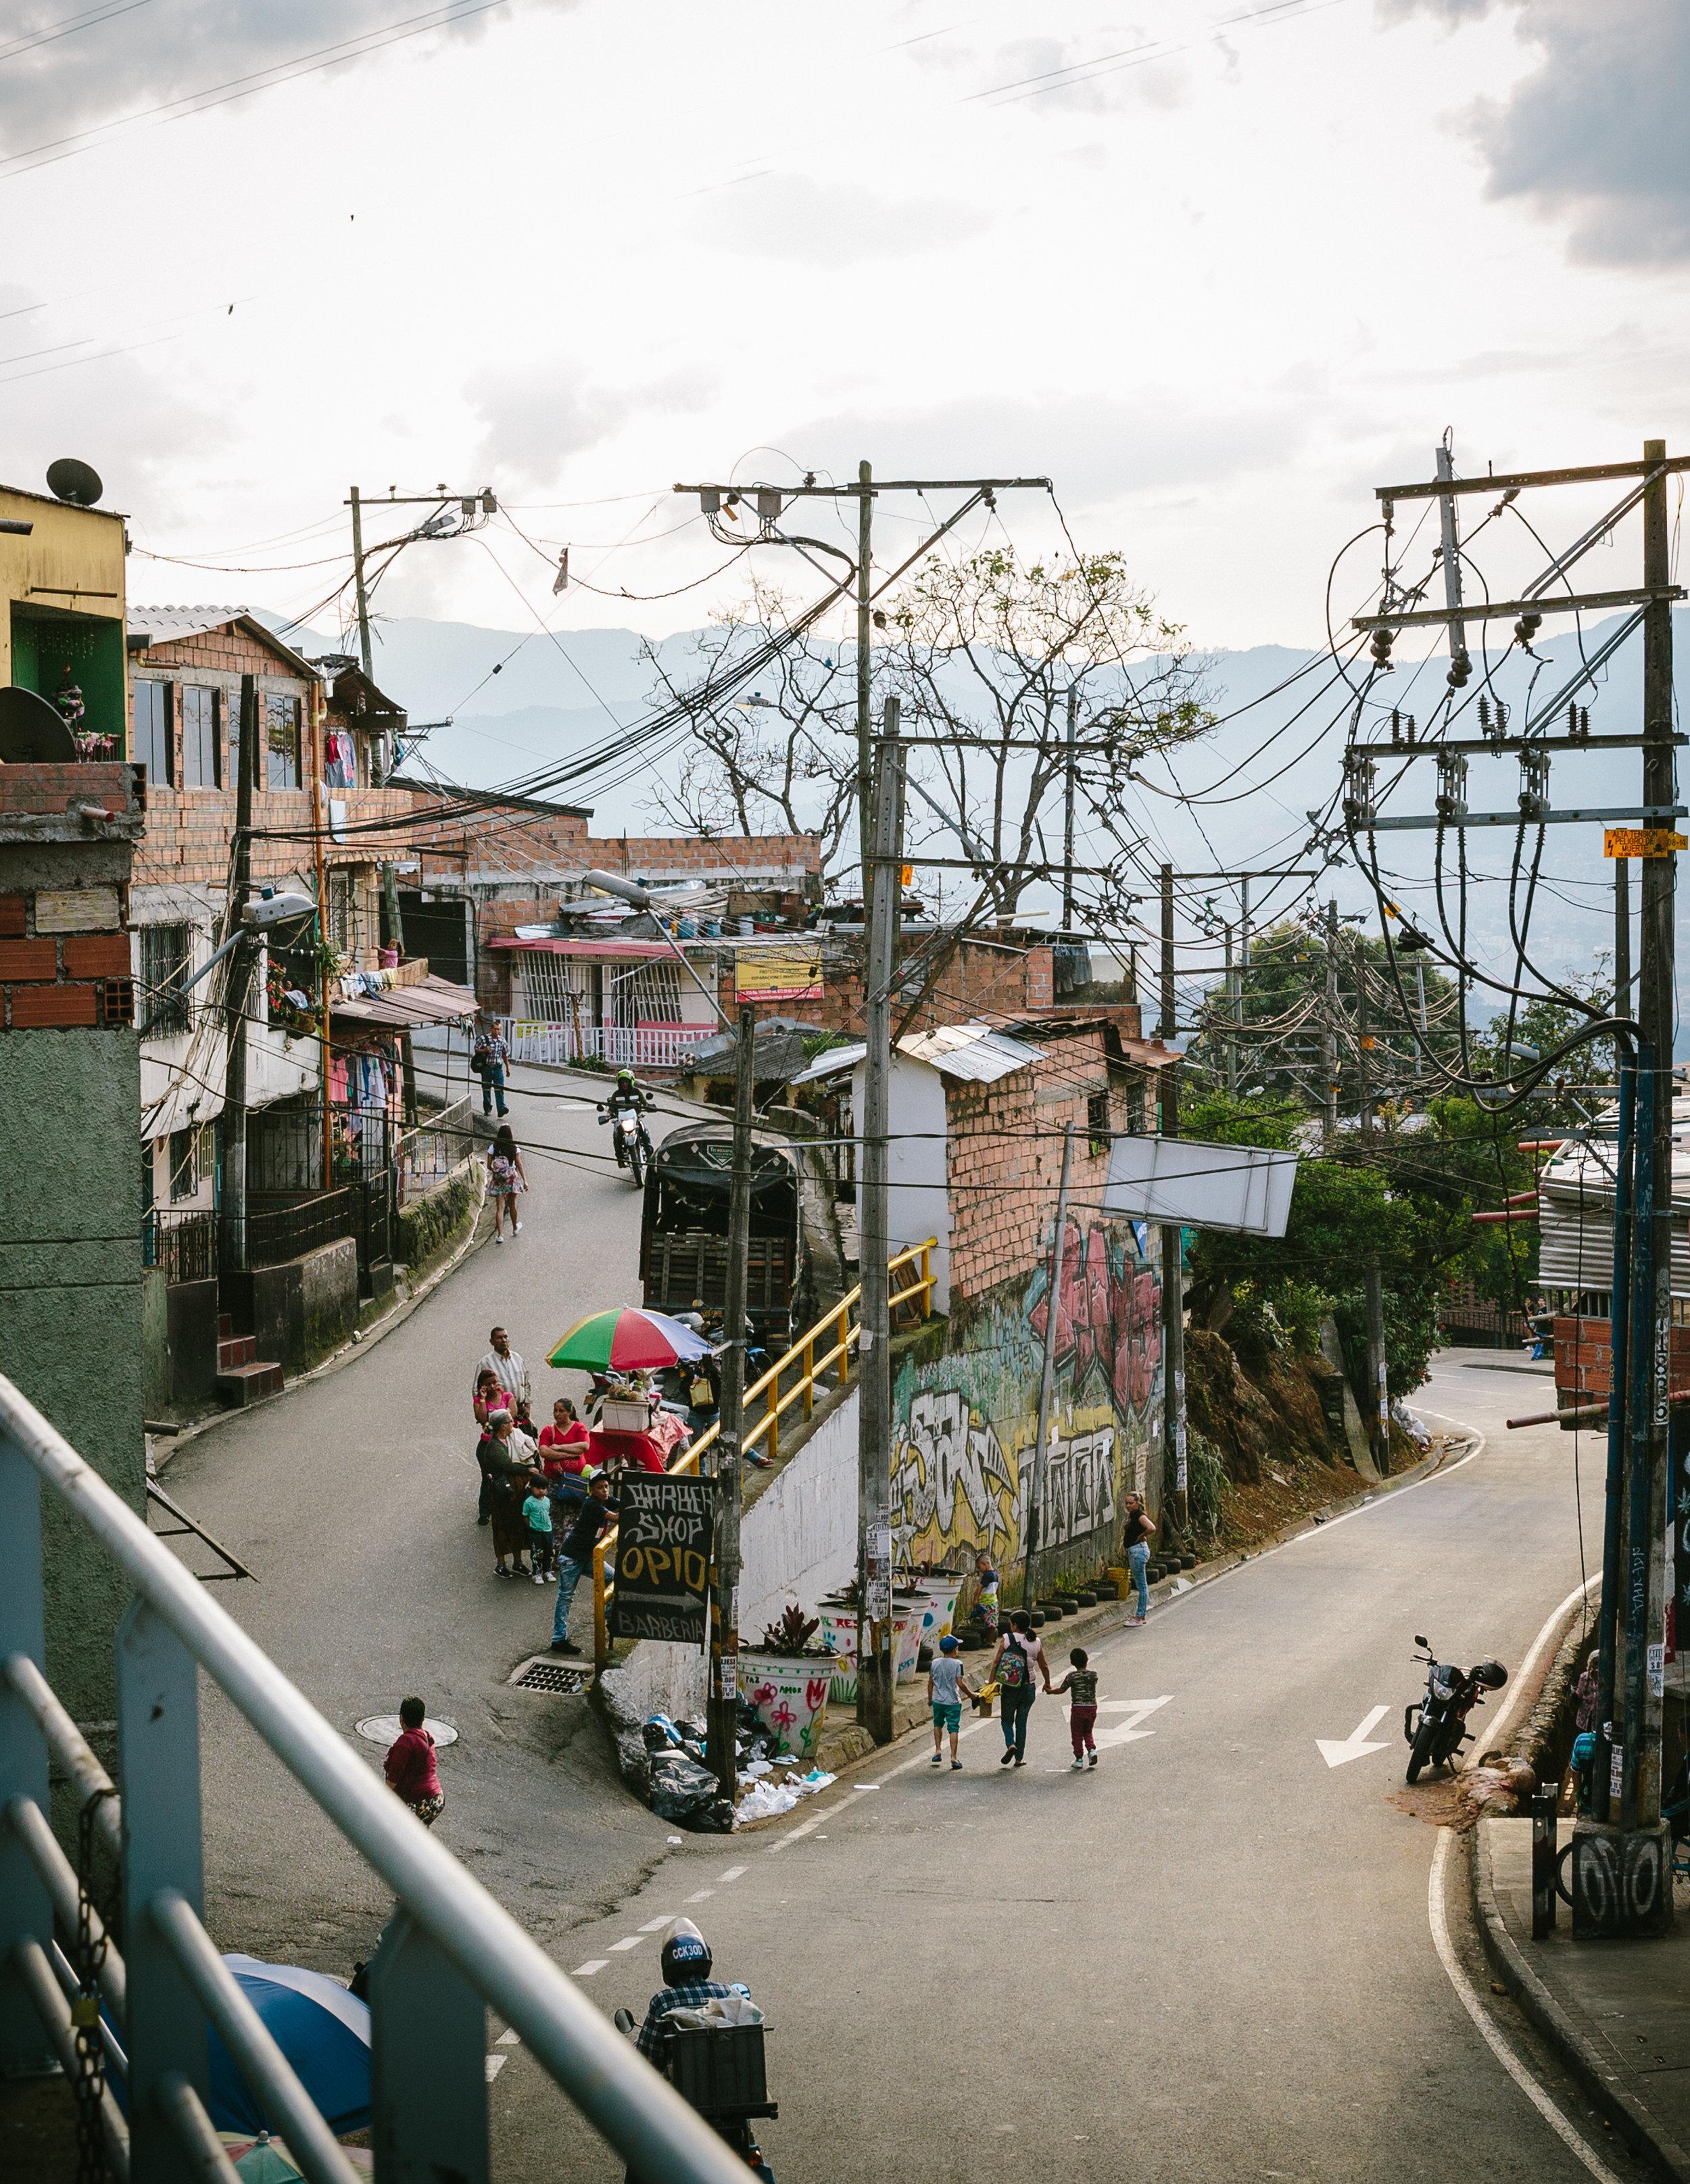 the Carpinelo neighborhood